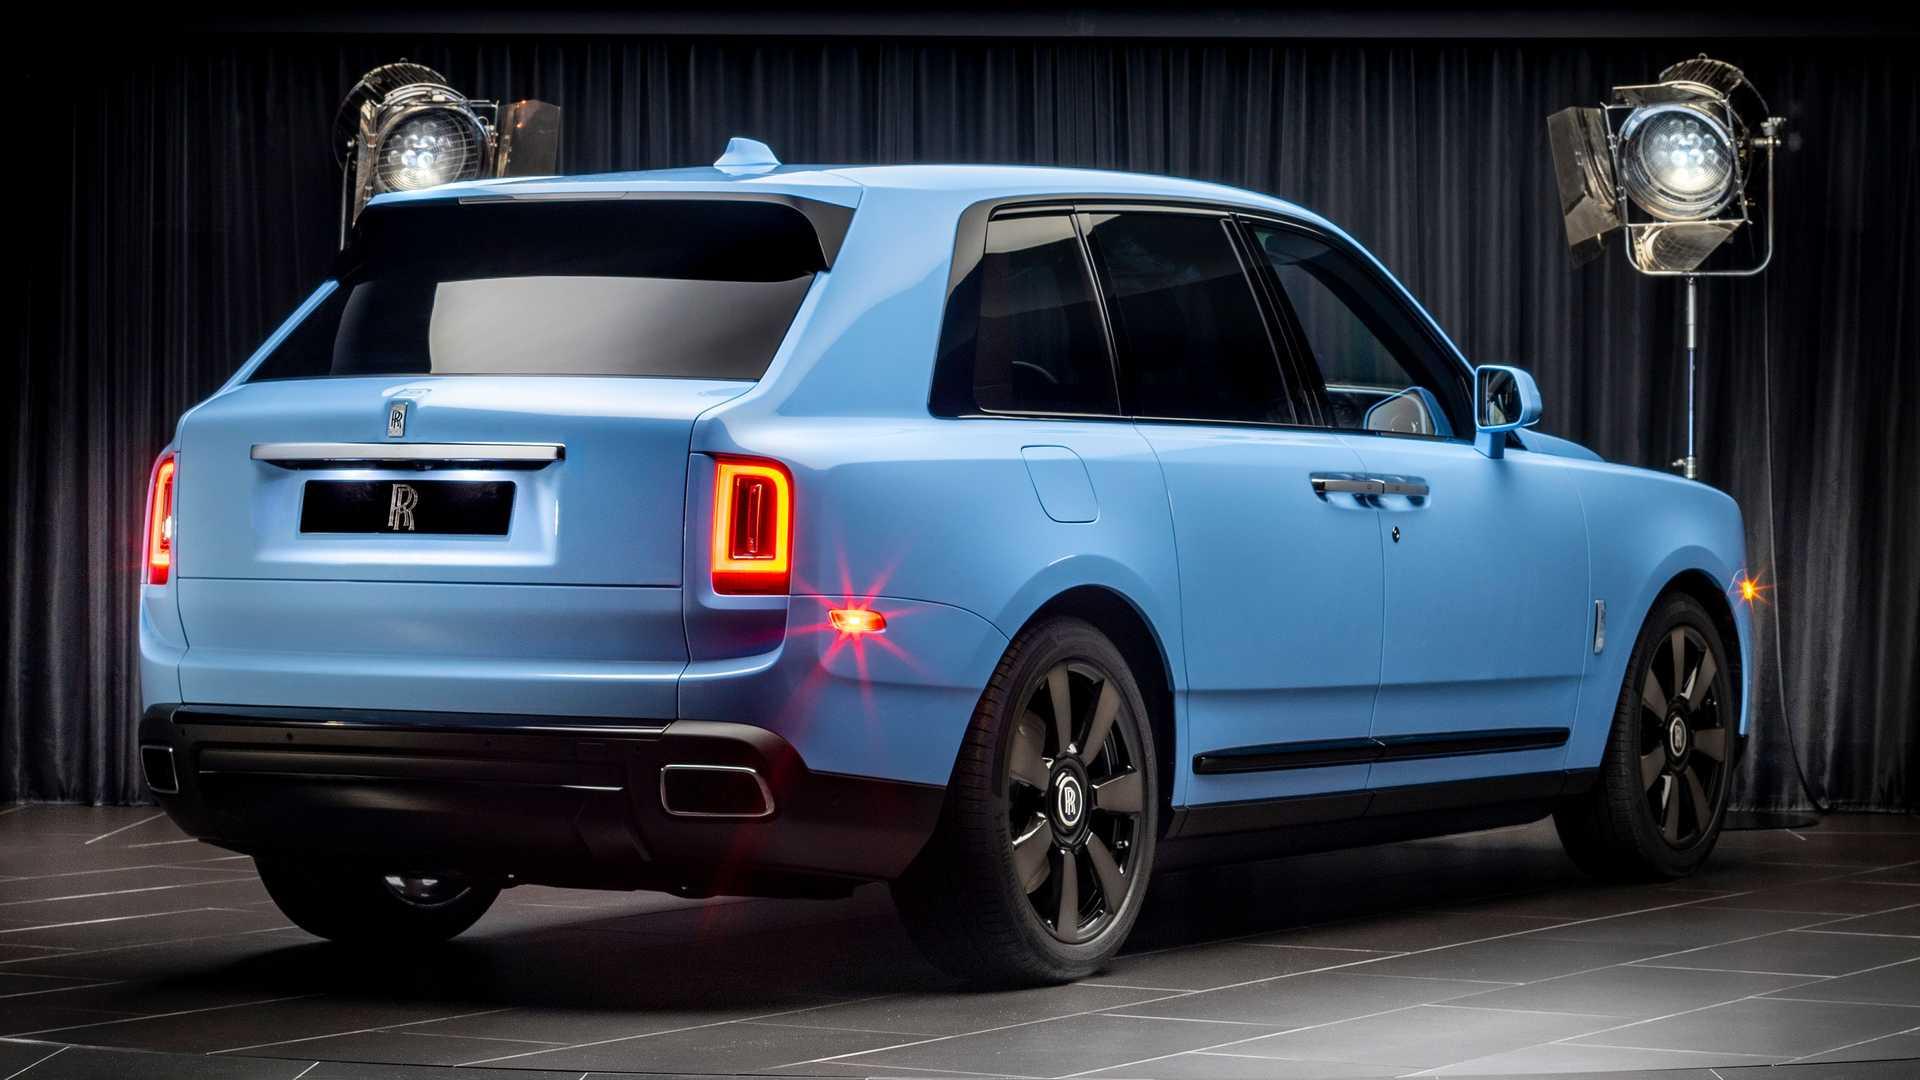 Rolls-Royce-Cullinan-bespoke-colors-3